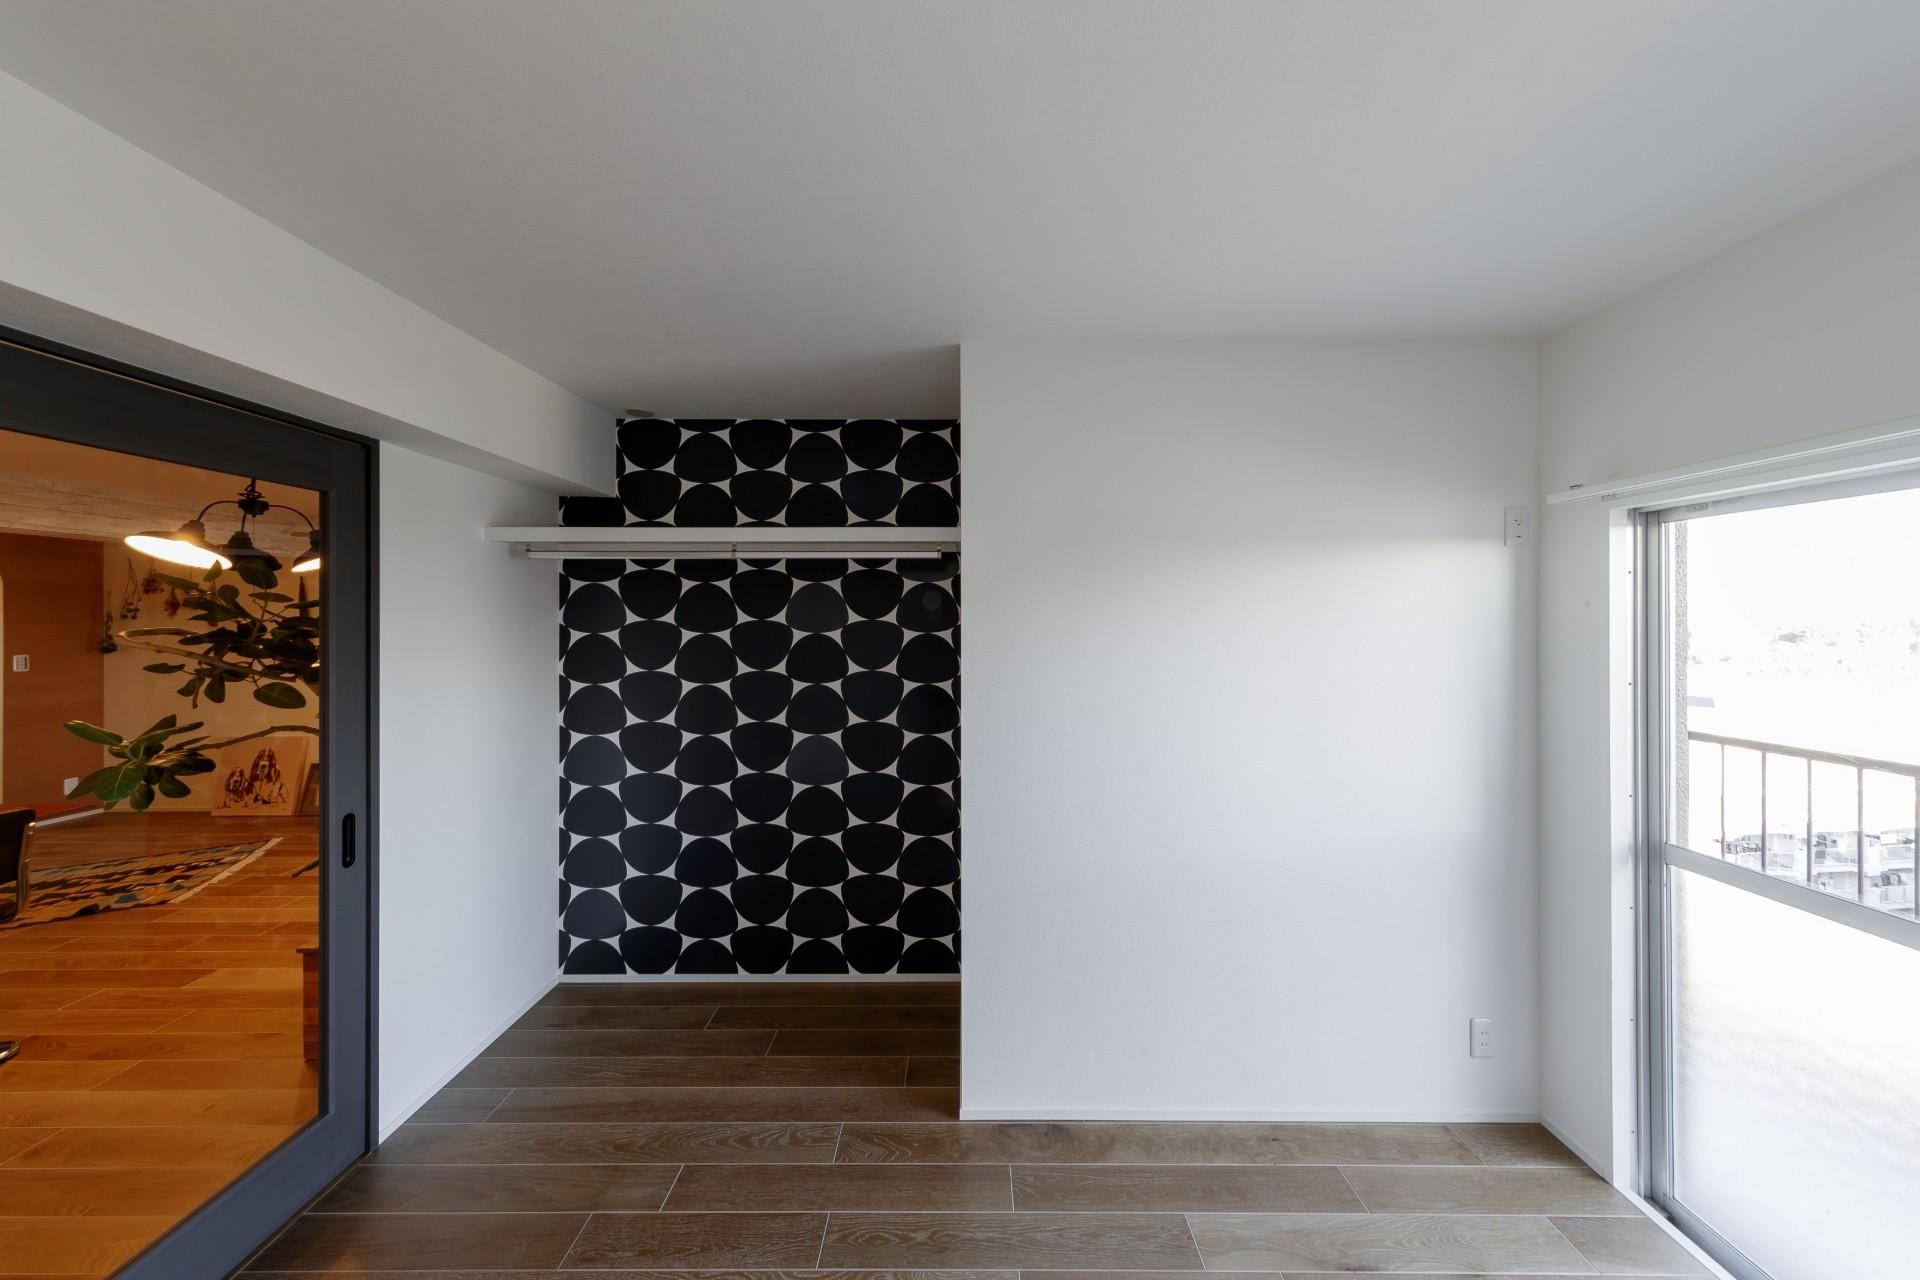 ベッドルーム事例:印象的な輸入クロスの個室(ファッションを楽しむご夫婦のための家)